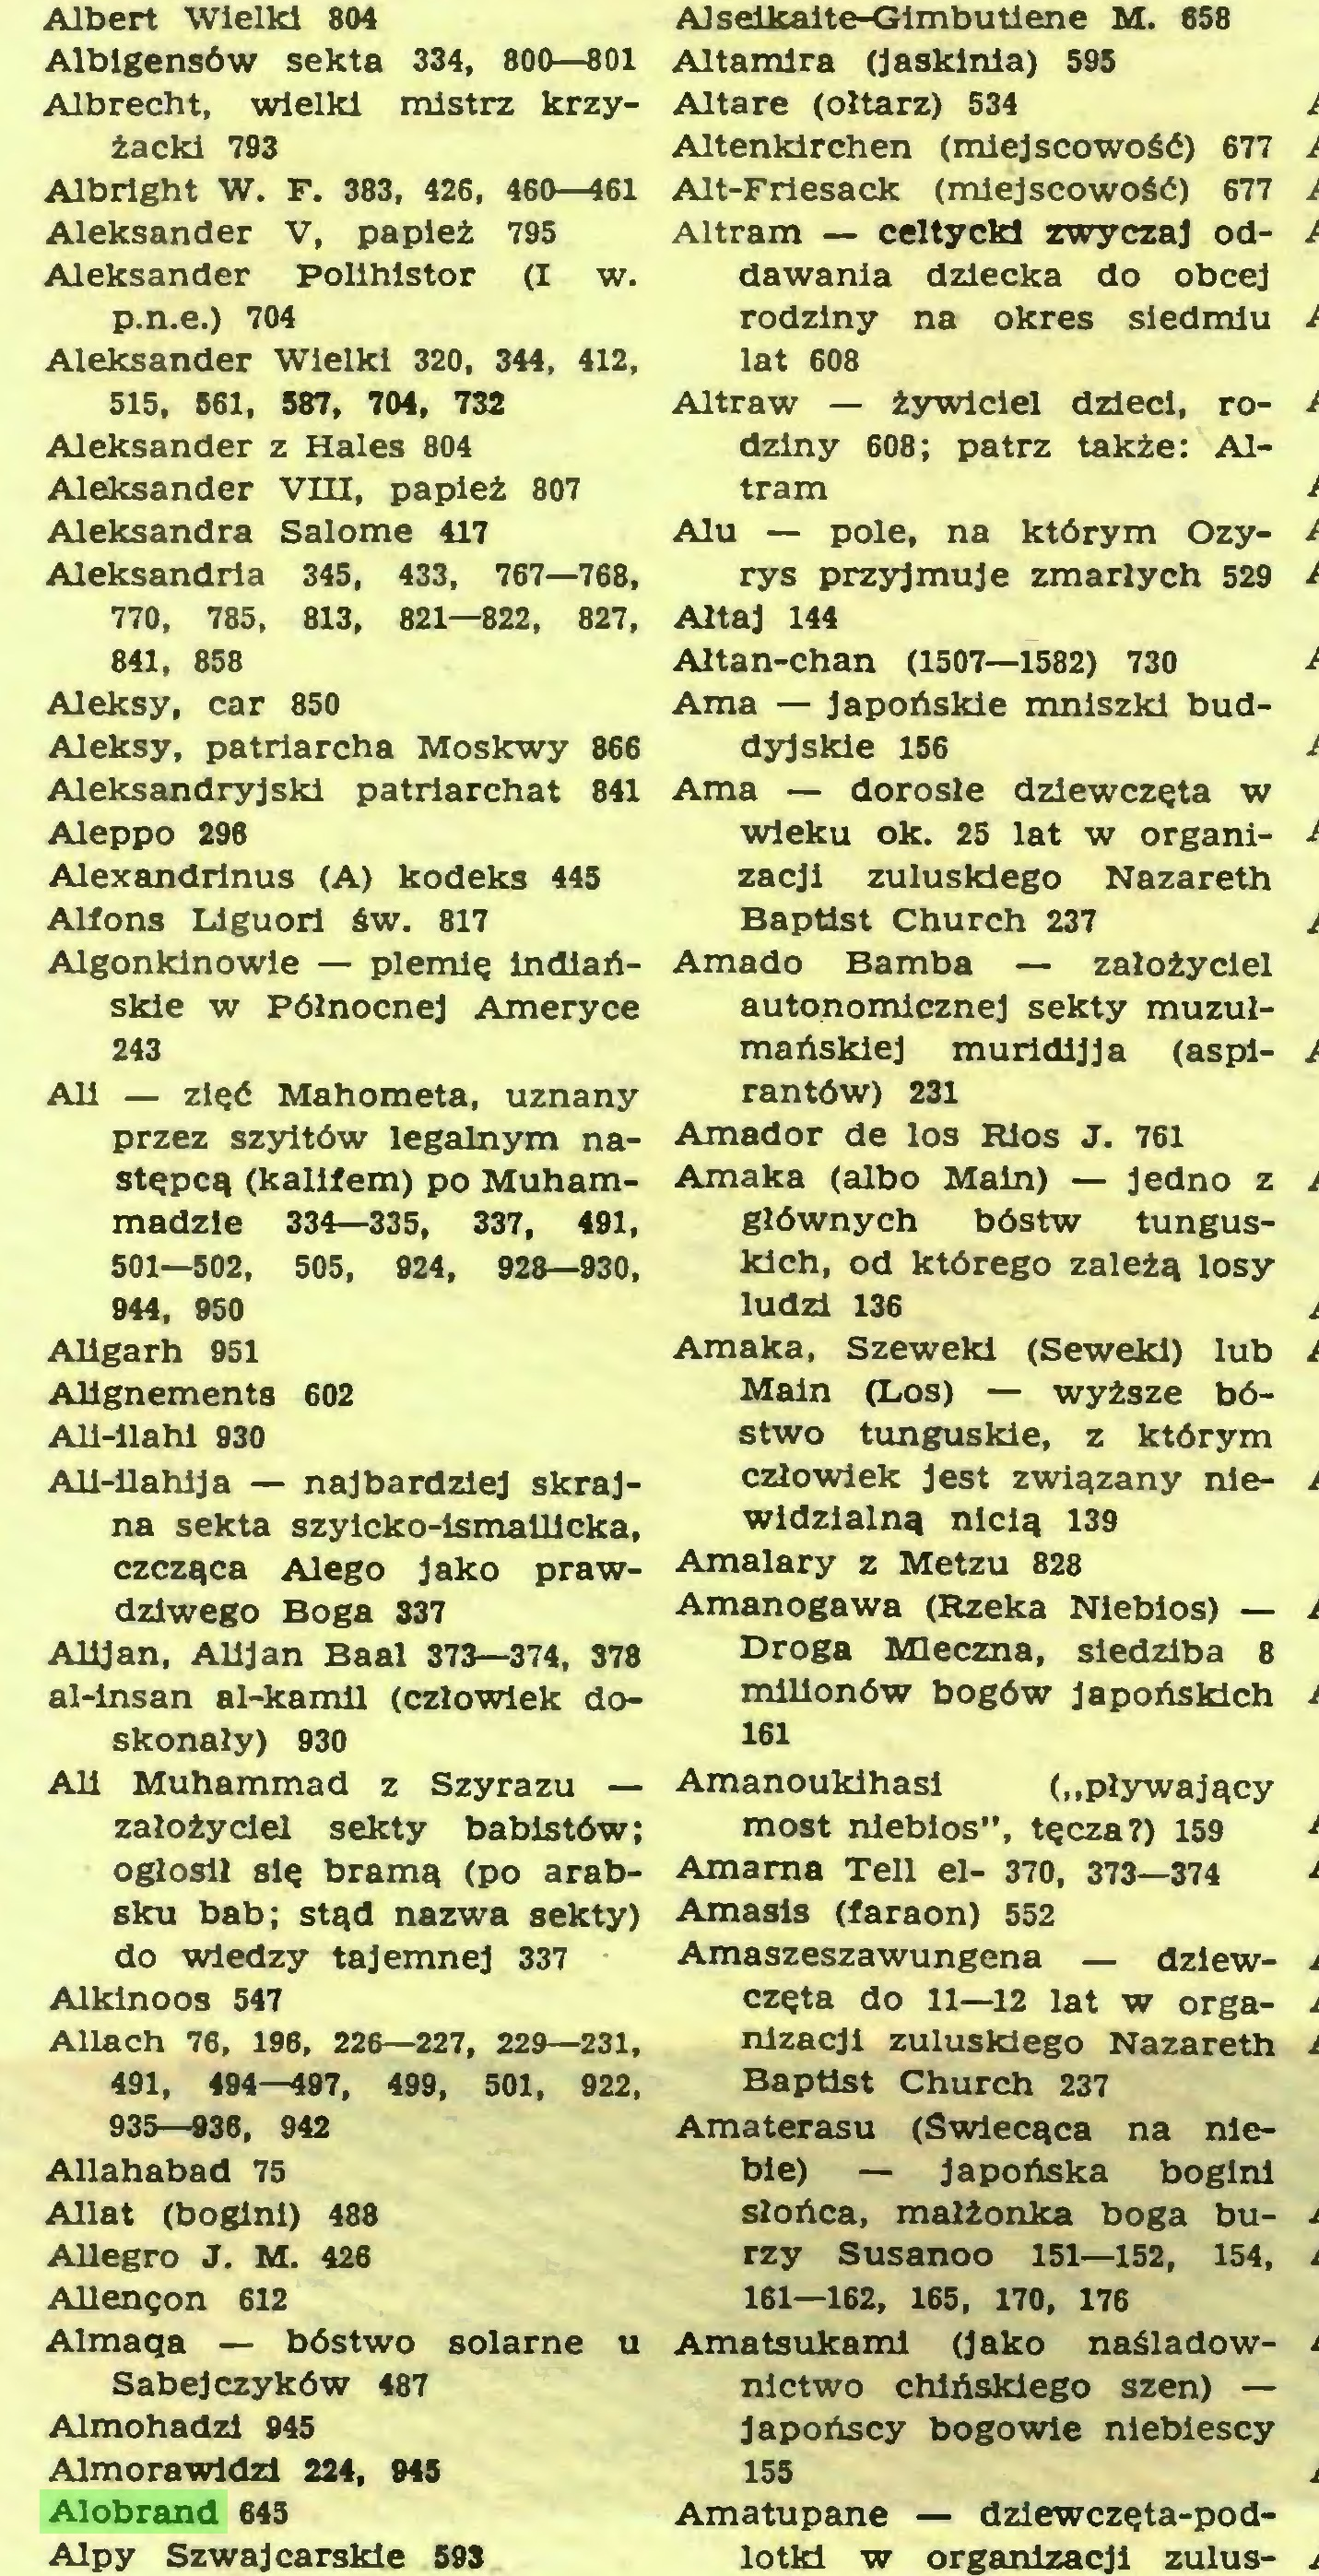 (...) Allegro J. M. 426 Allenęon 612 Almaqa — bóstwo solarne u Sabejczyków 487 Almohadzi 945 Alm ora Widzi 224, 945 Alobrand 645 Alpy Szwajcarskie 593 AJselkalte-Gimbutłene M. 658 Altamlra (jaskinia) 595 Altare (ołtarz) 534 Altenkirchen (miejscowość) 677 Alt-Friesack (miejscowość) 677 Altram — celtycki zwyczaj oddawania dziecka do obcej rodziny na okres siedmiu lat 608 Altraw — żywiciel dzieci, rodziny 608; patrz także: Altram Alu — pole, na którym Ozyrys przyjmuje zmarłych 529 Ałtaj 144 Ałtan-chan (1507—1582) 730 Arna — japońskie mniszki buddyjskie 156 Arna — dorosłe dziewczęta w wieku ok. 25 lat w organi...